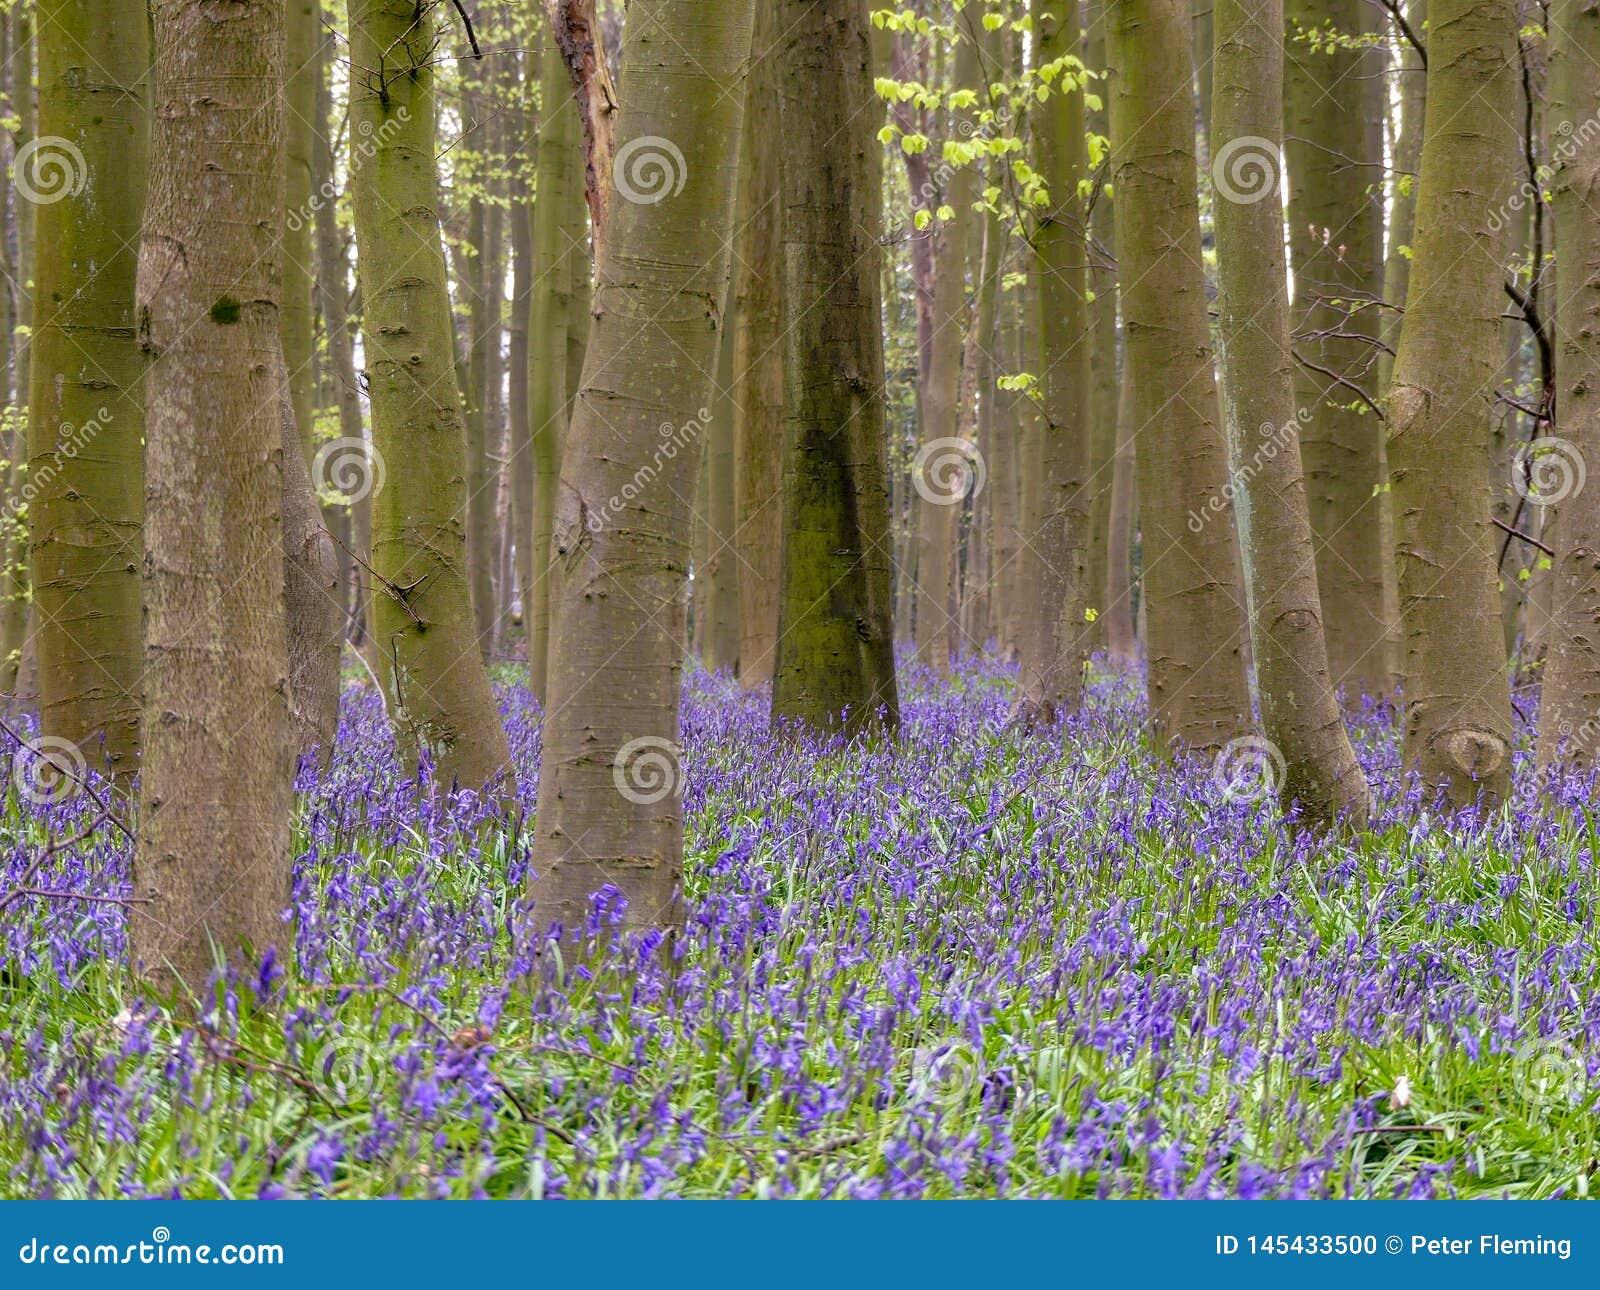 Blåklockor i Philipshill trä, Chorleywood